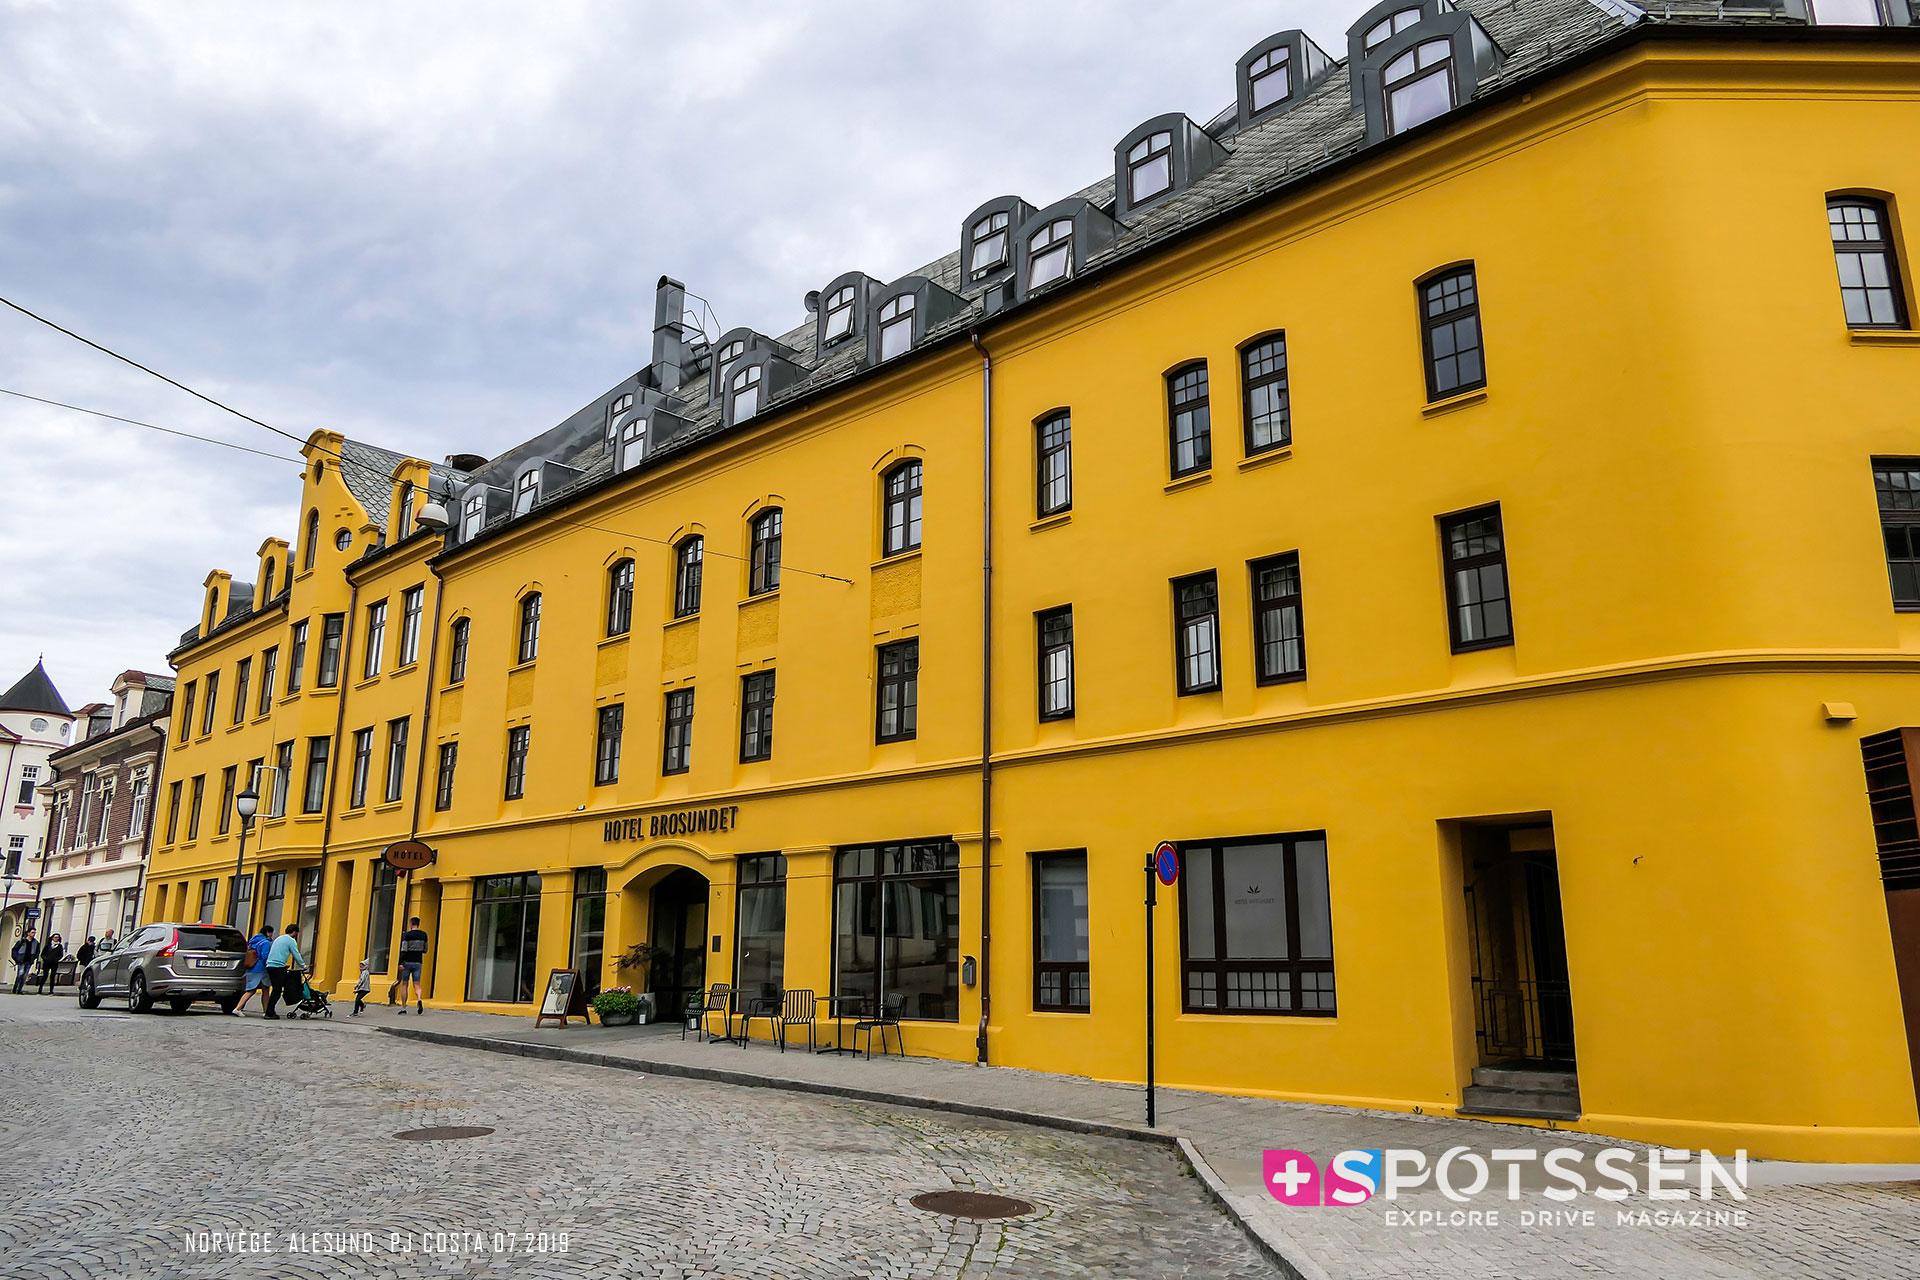 2019, alesund, norvège, scandinavie